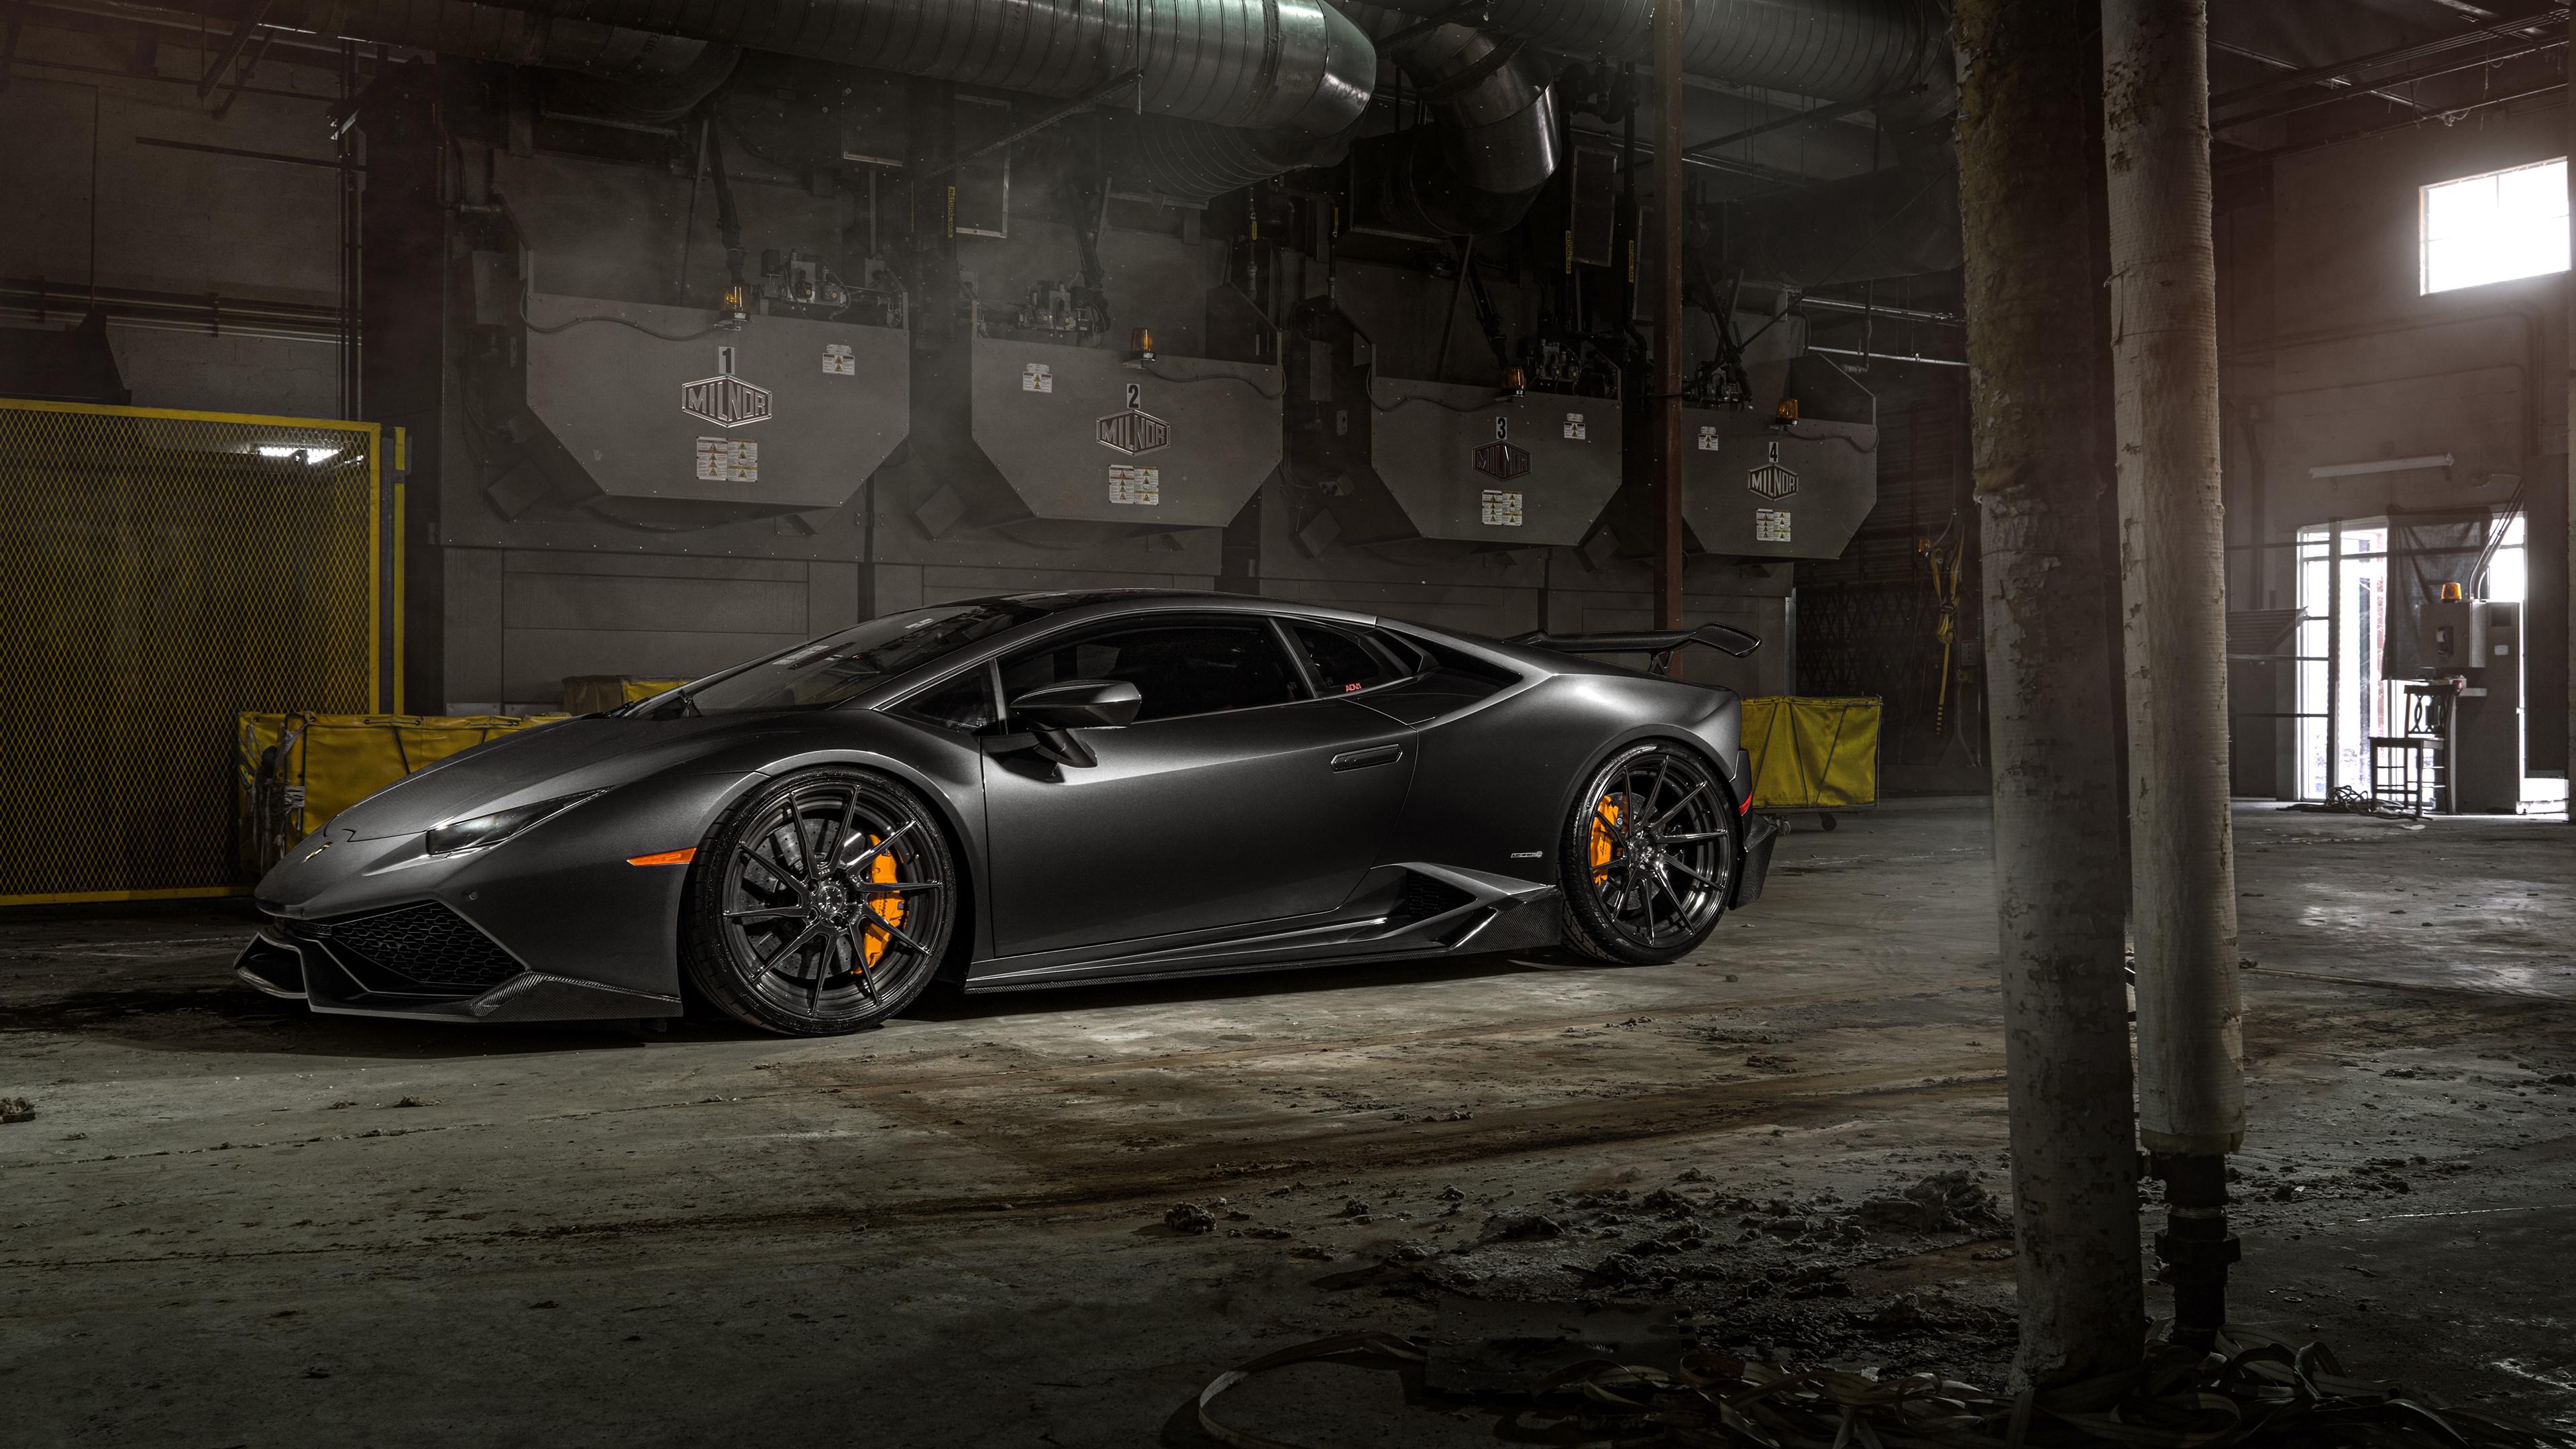 Black Lamborghini Huracan 4k Ultrahd Wallpaper Backiee Free